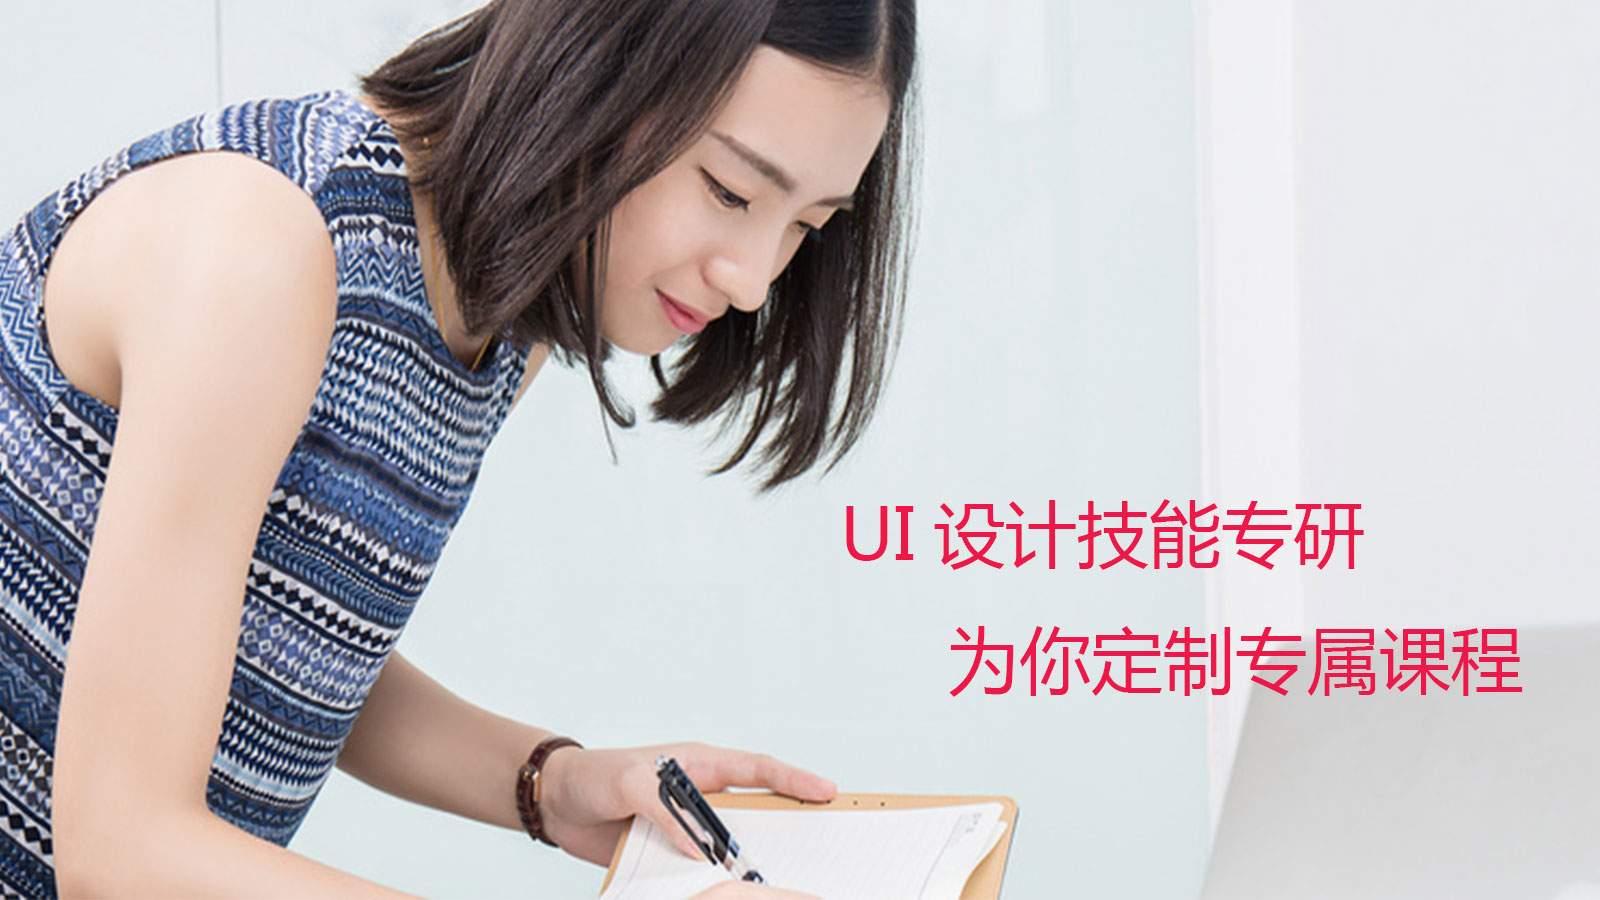 UI设计培训机构